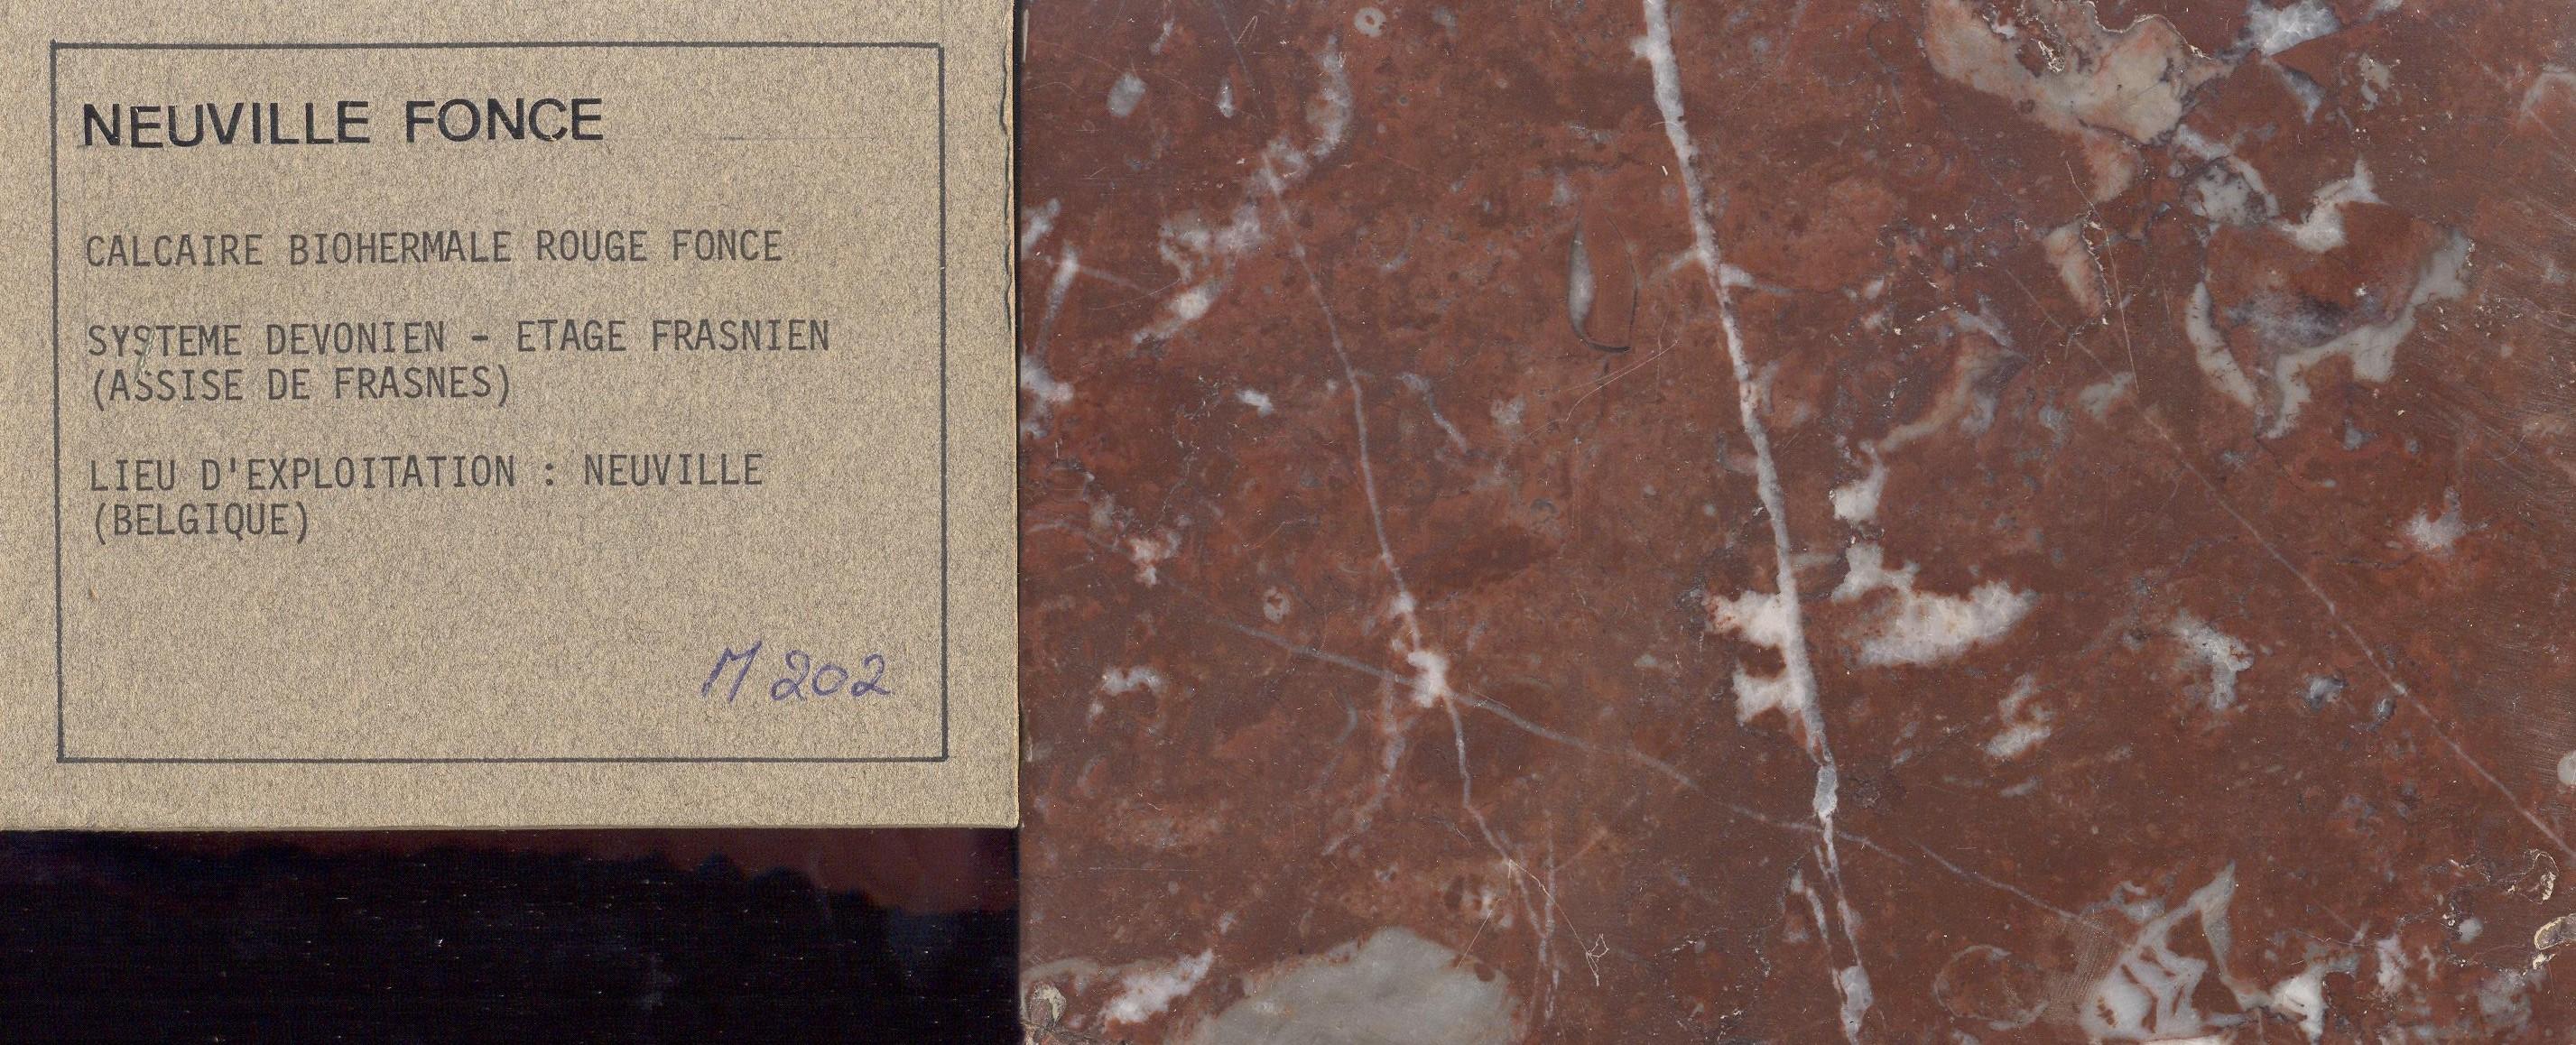 Neuville Fonçé (rouge griotte) M202